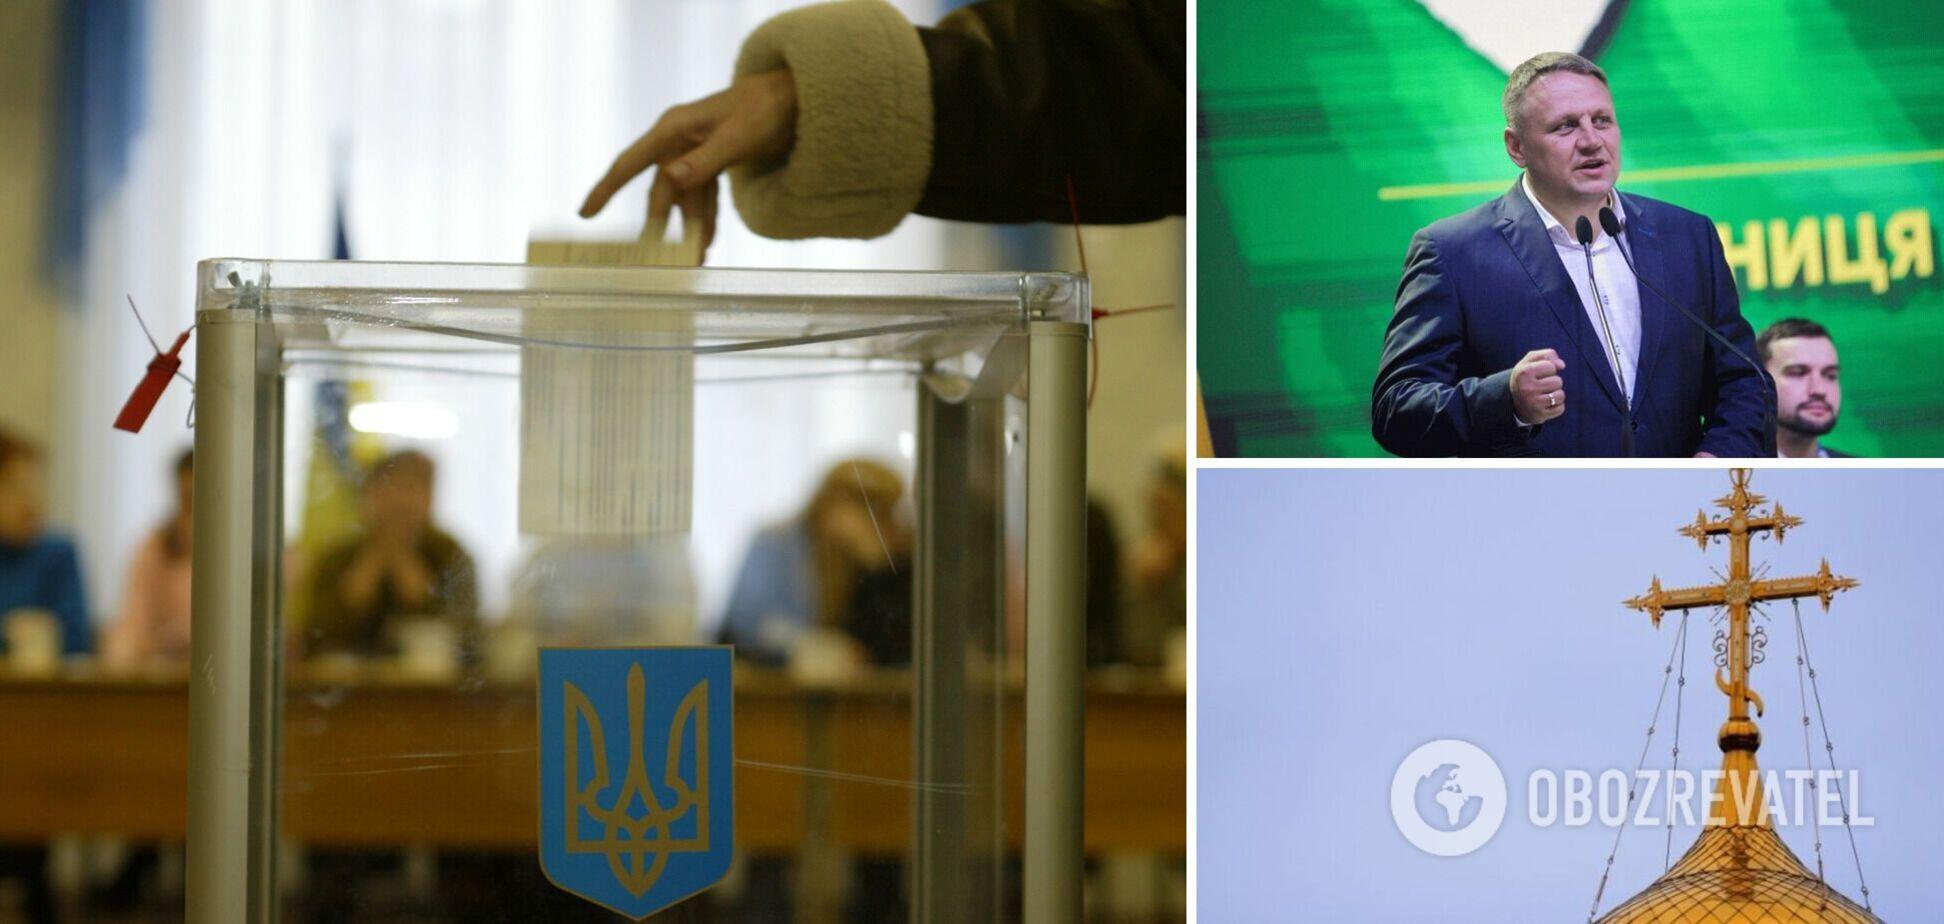 Кандидат в нардепы Александр Шевченко устроил агитацию в церквях